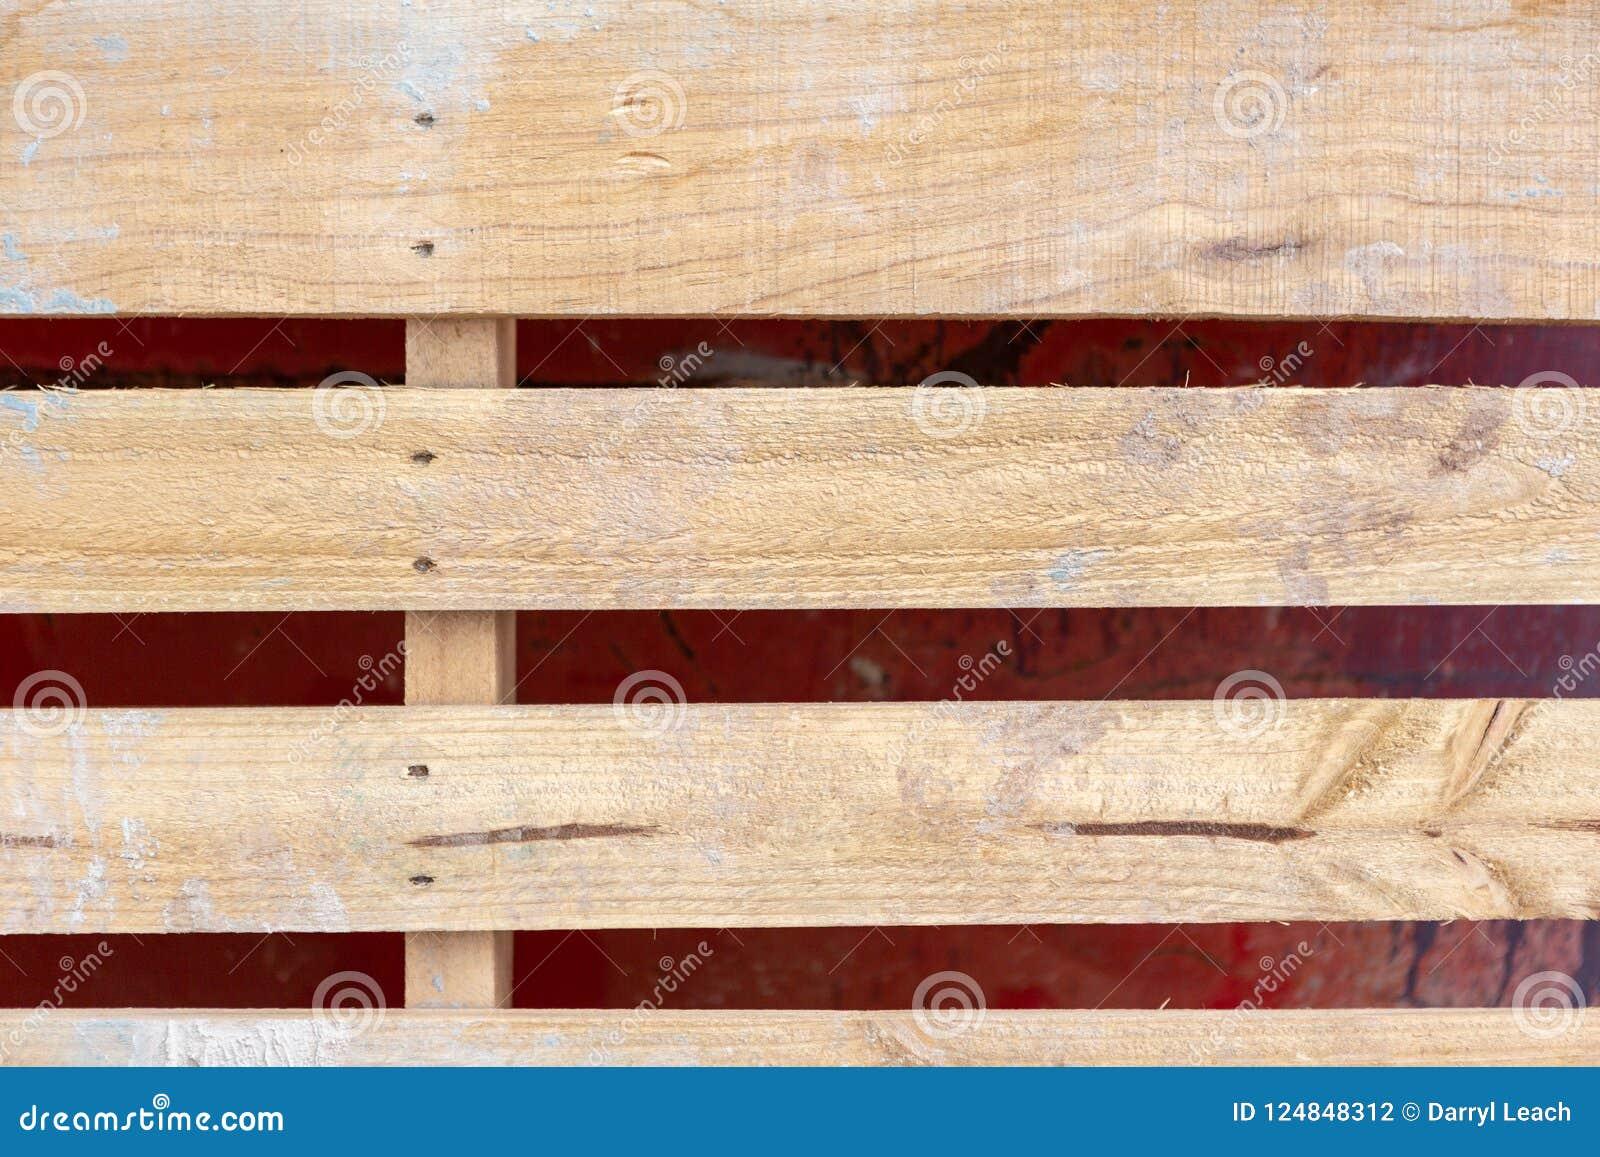 Στενός ένας επάνω μιας ξύλινης παλέτας τούβλου που κλίνει ενάντια σε ένα κόκκινο μετάλλων